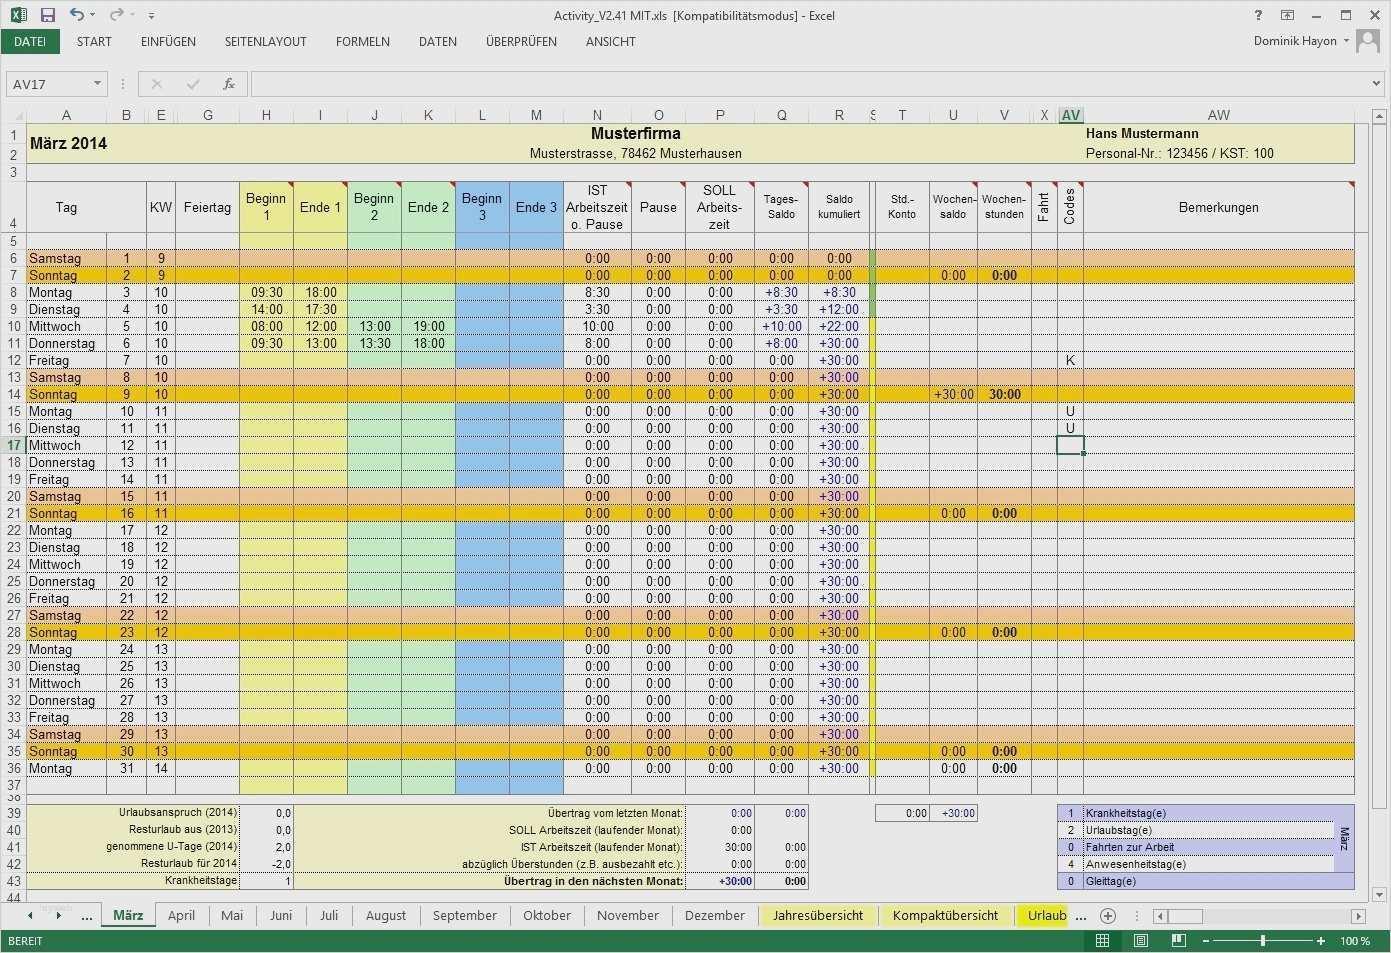 36 Cool Flussdiagramm Excel Vorlage Download Bilder Excel Vorlage Zeiterfassung Lebenslauf Layout